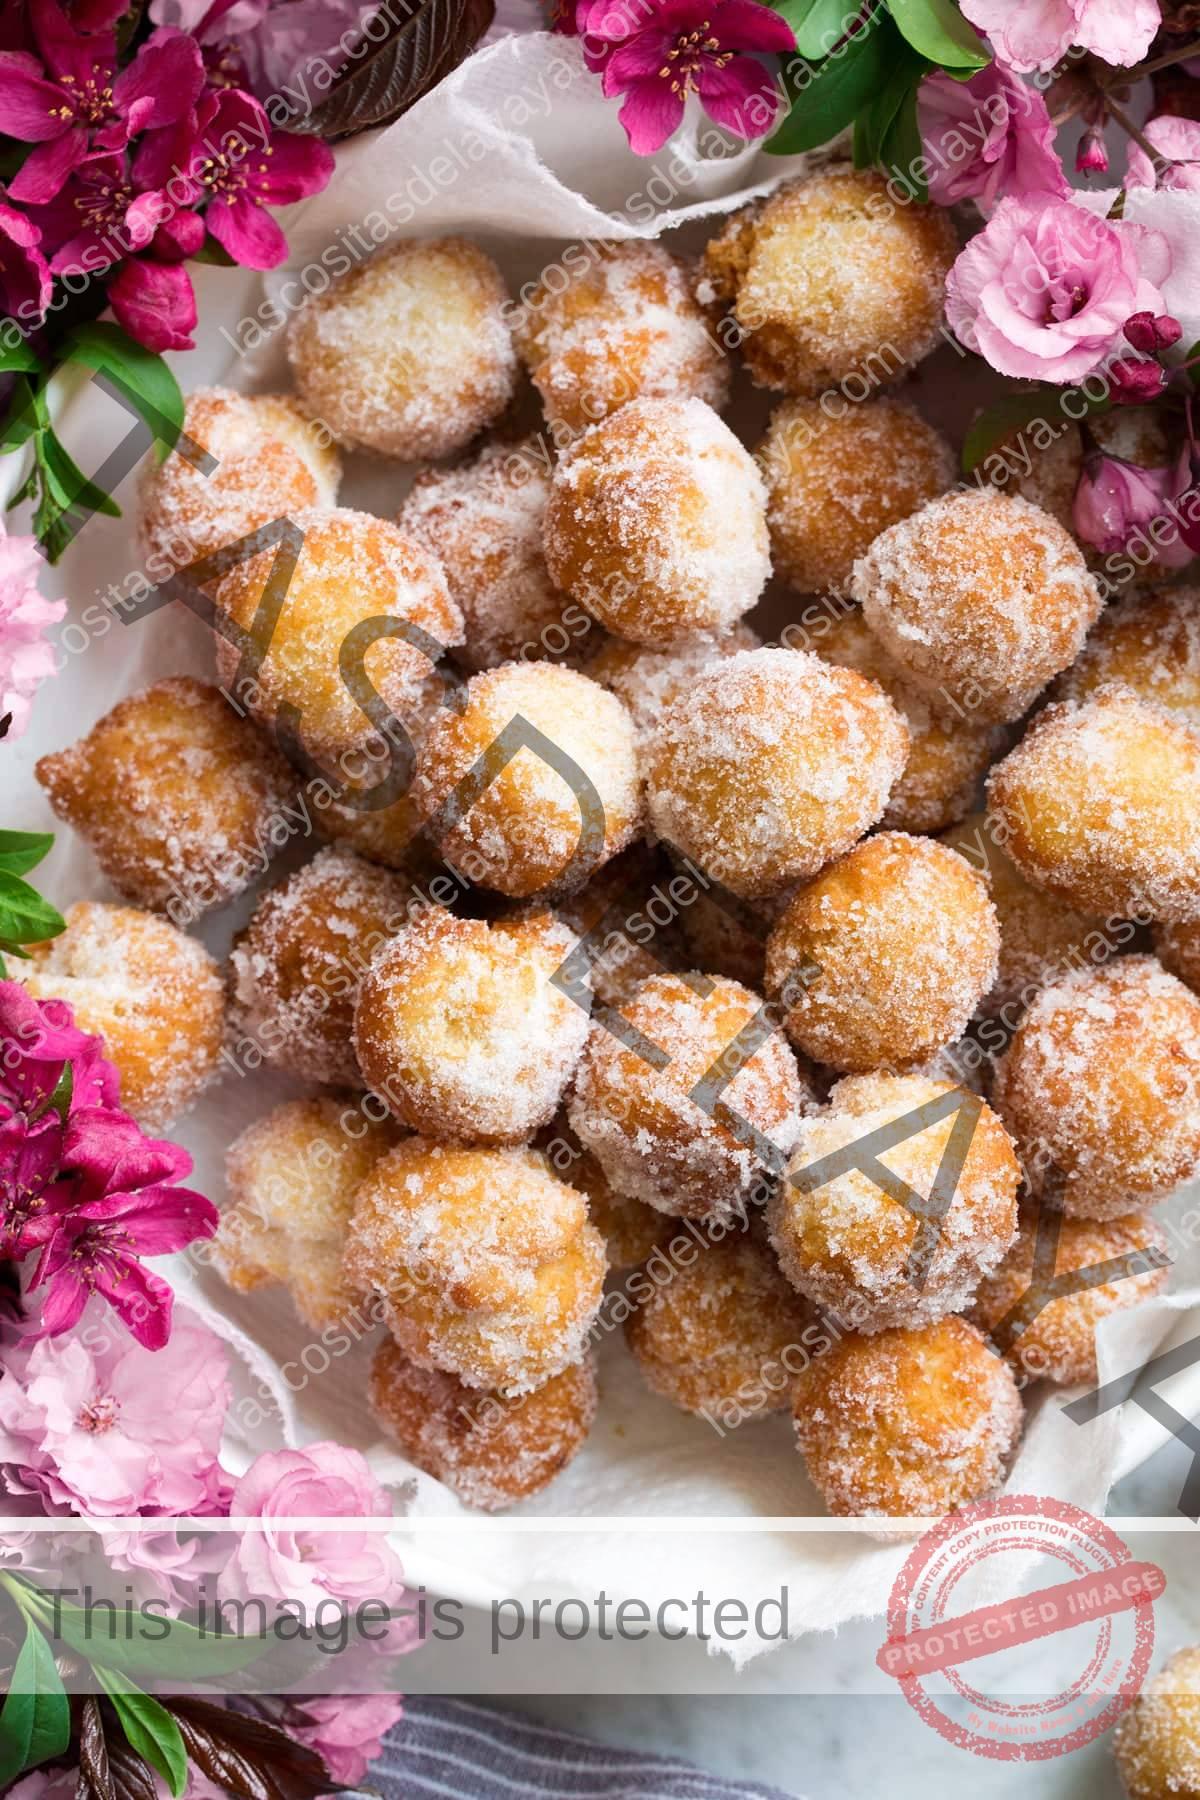 Cuenco lleno de agujeros de rosquilla cubiertos de azúcar y canela fresca.